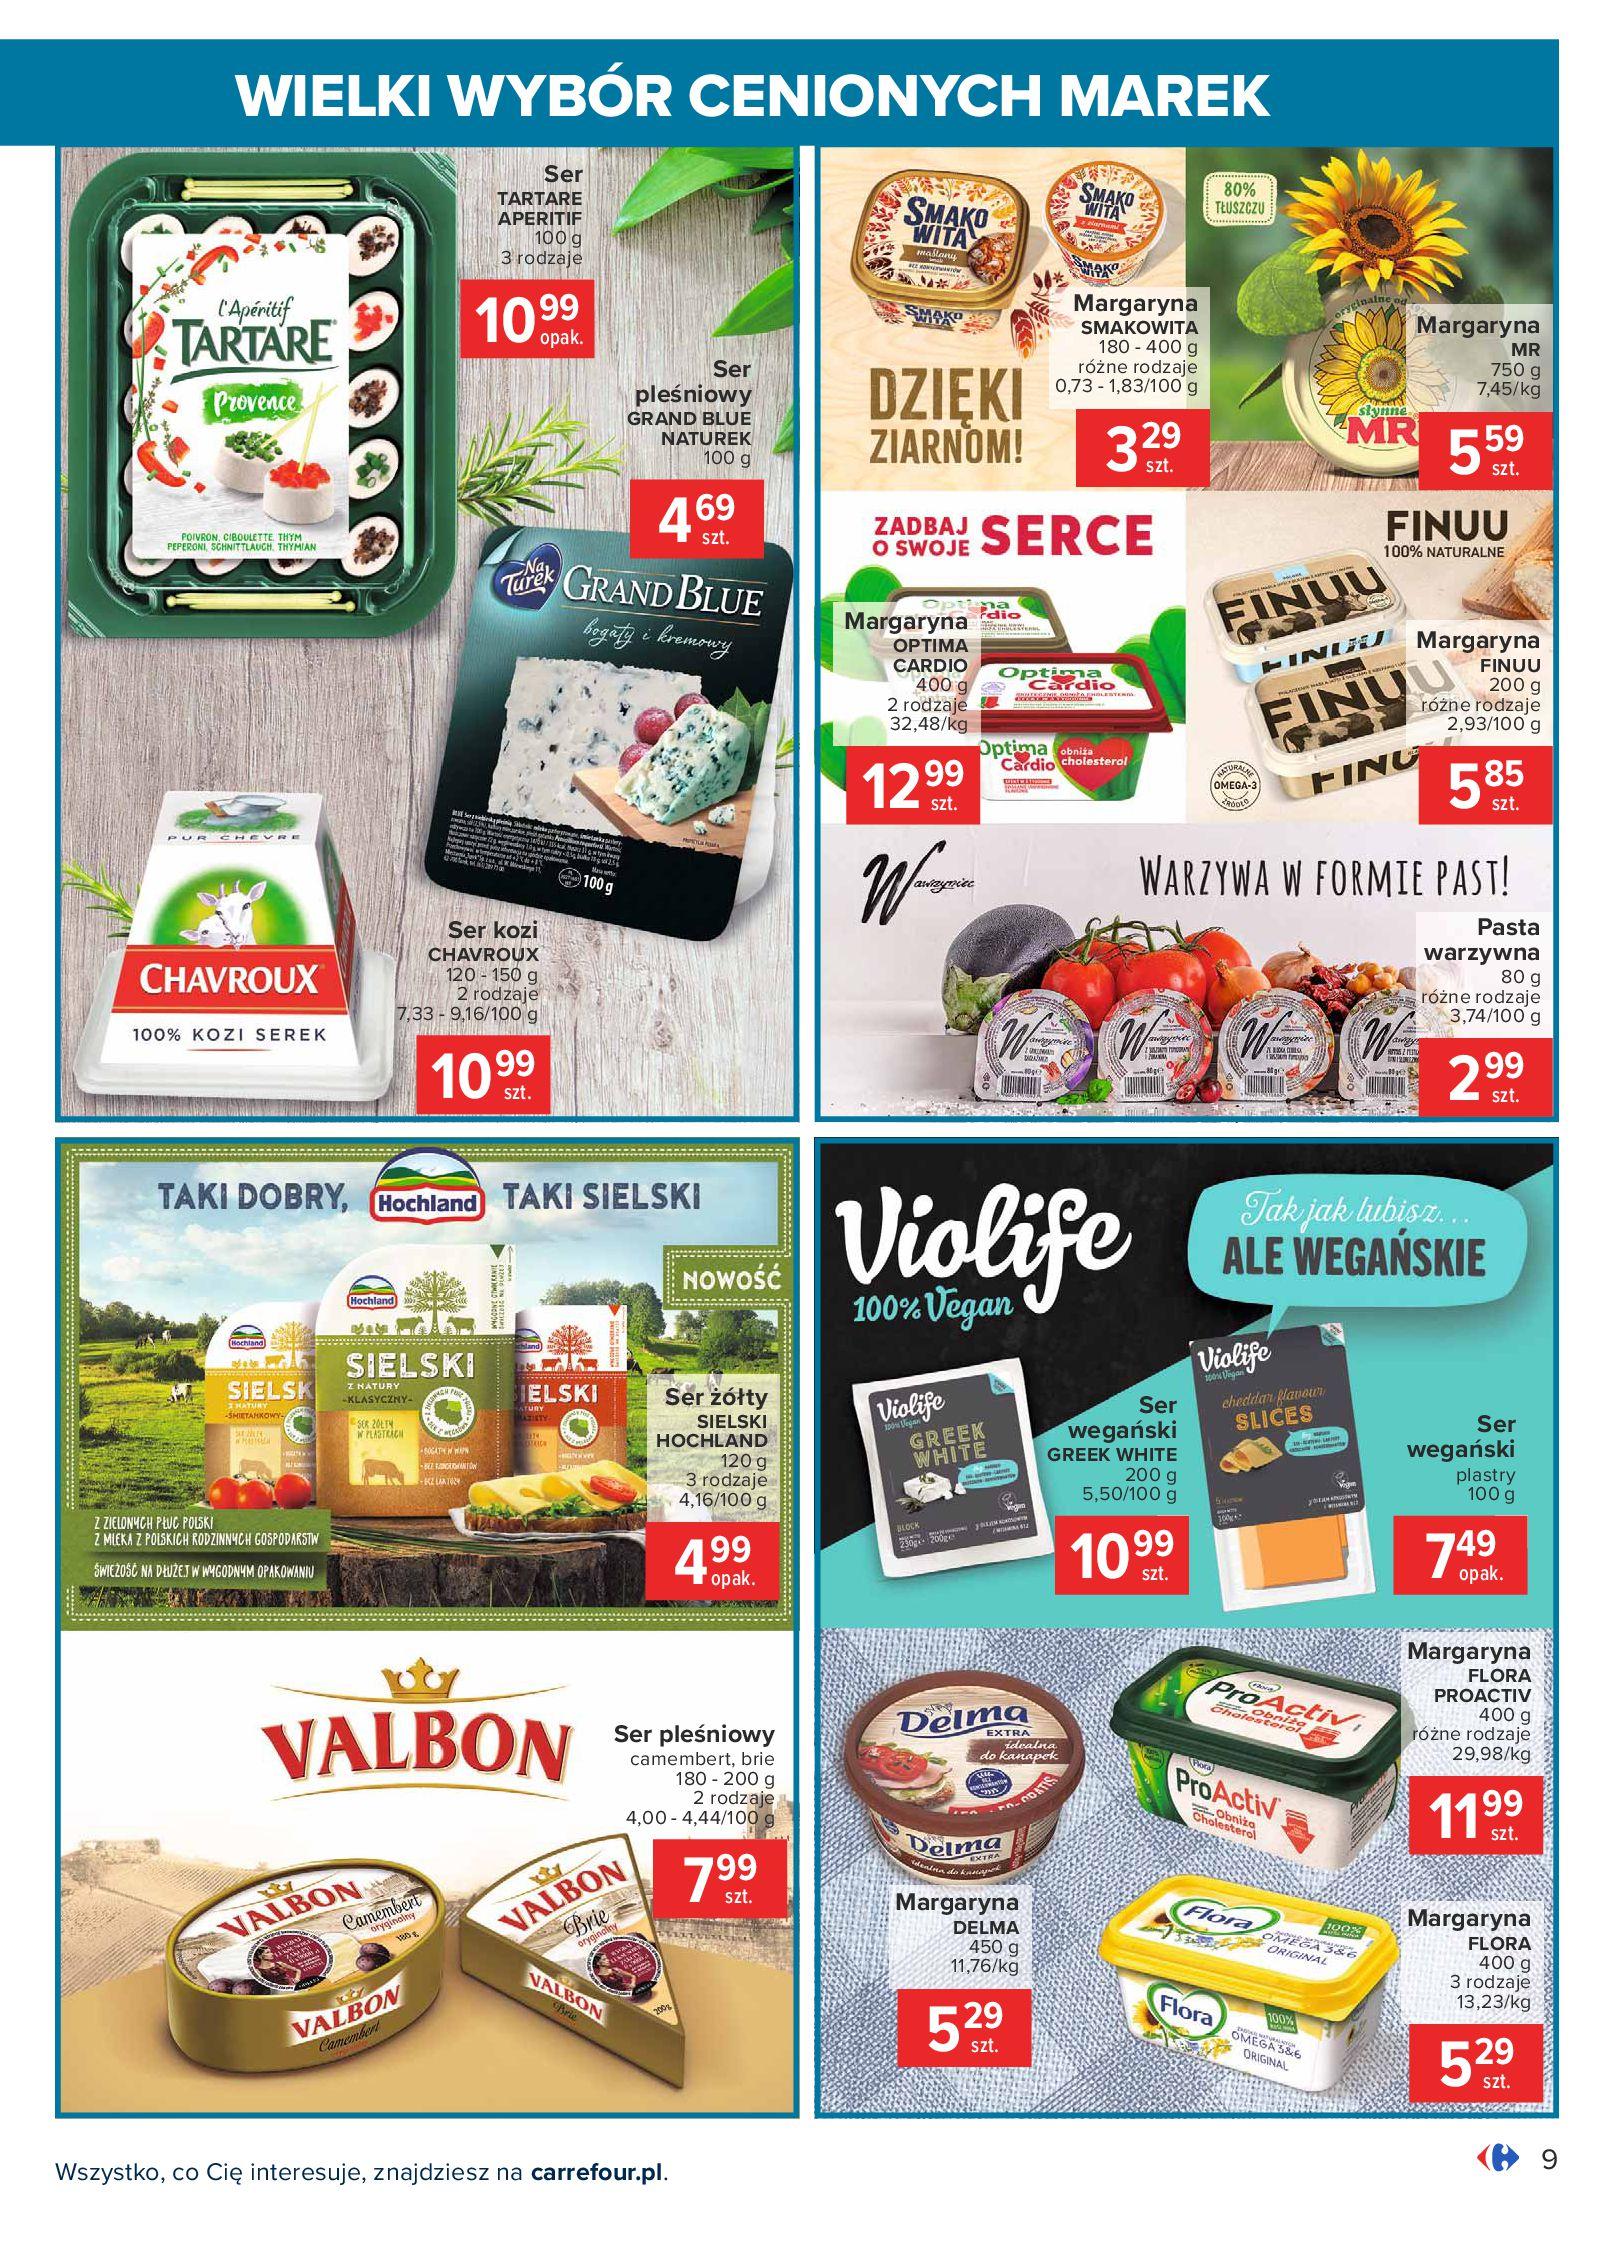 Gazetka Carrefour: Wielki wybór cenionych marek 2021-05-04 page-9